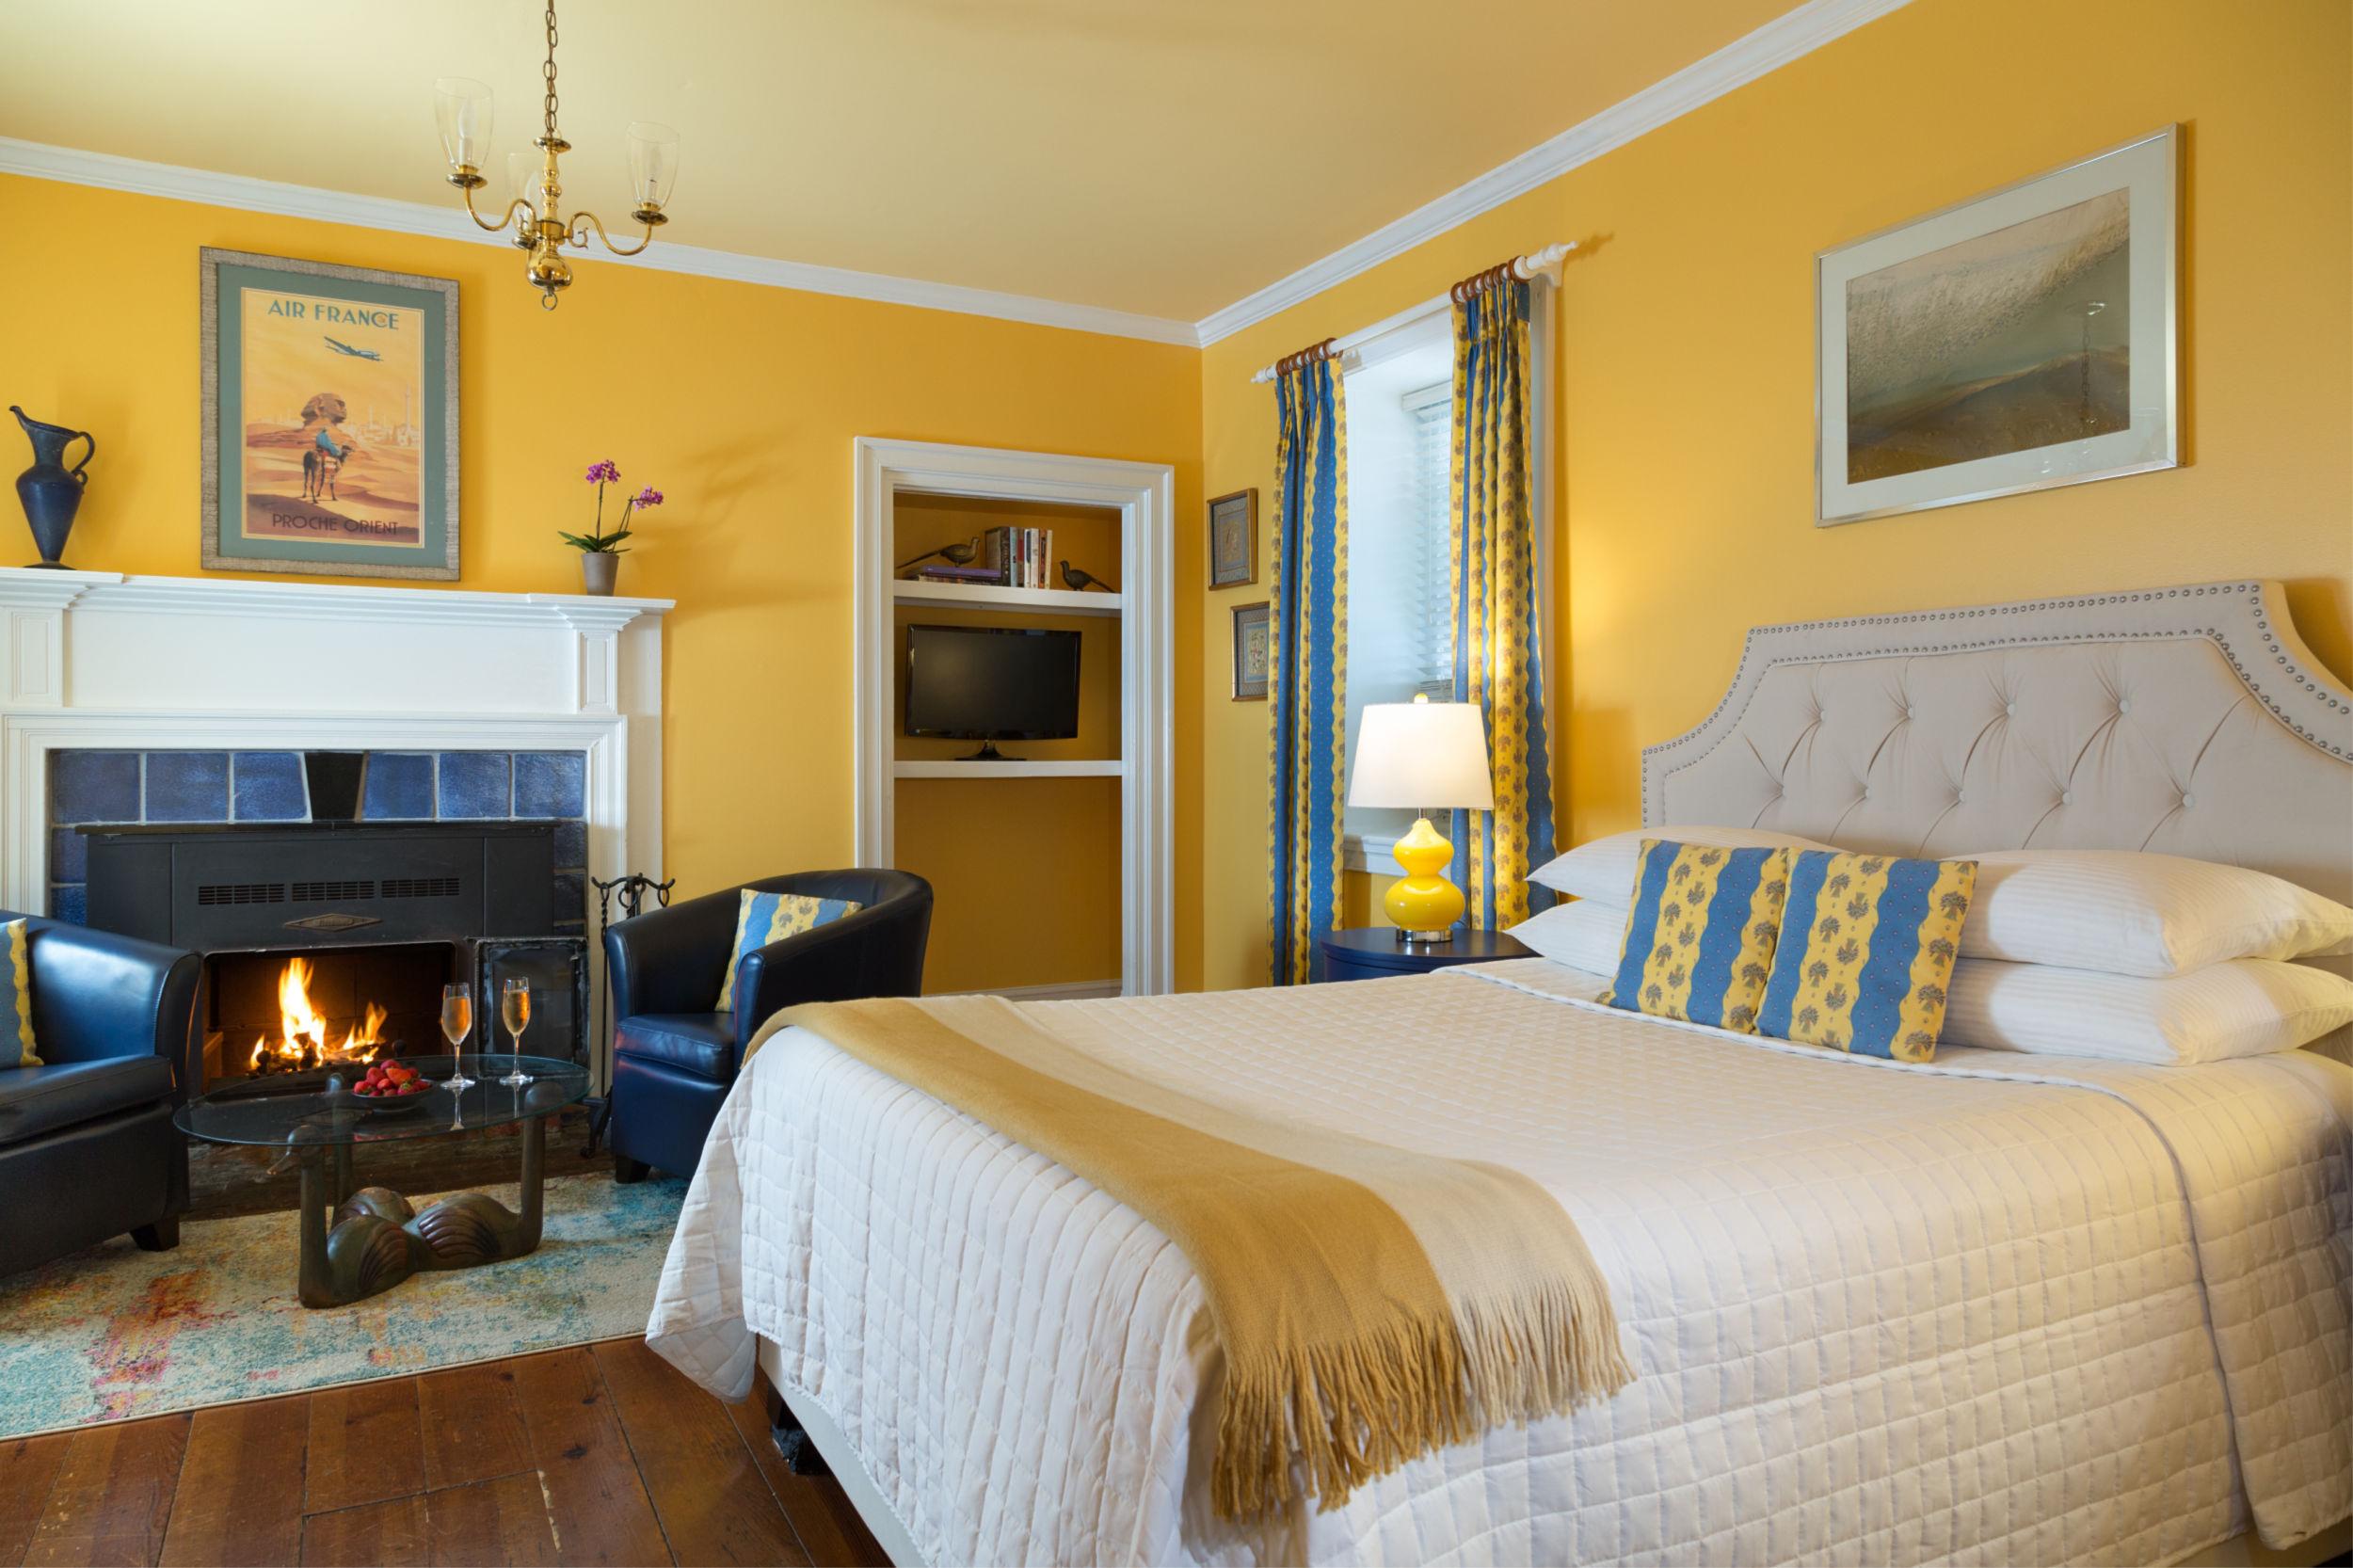 LaubergeProvencale-18-Rooms-Monet-1.jpg